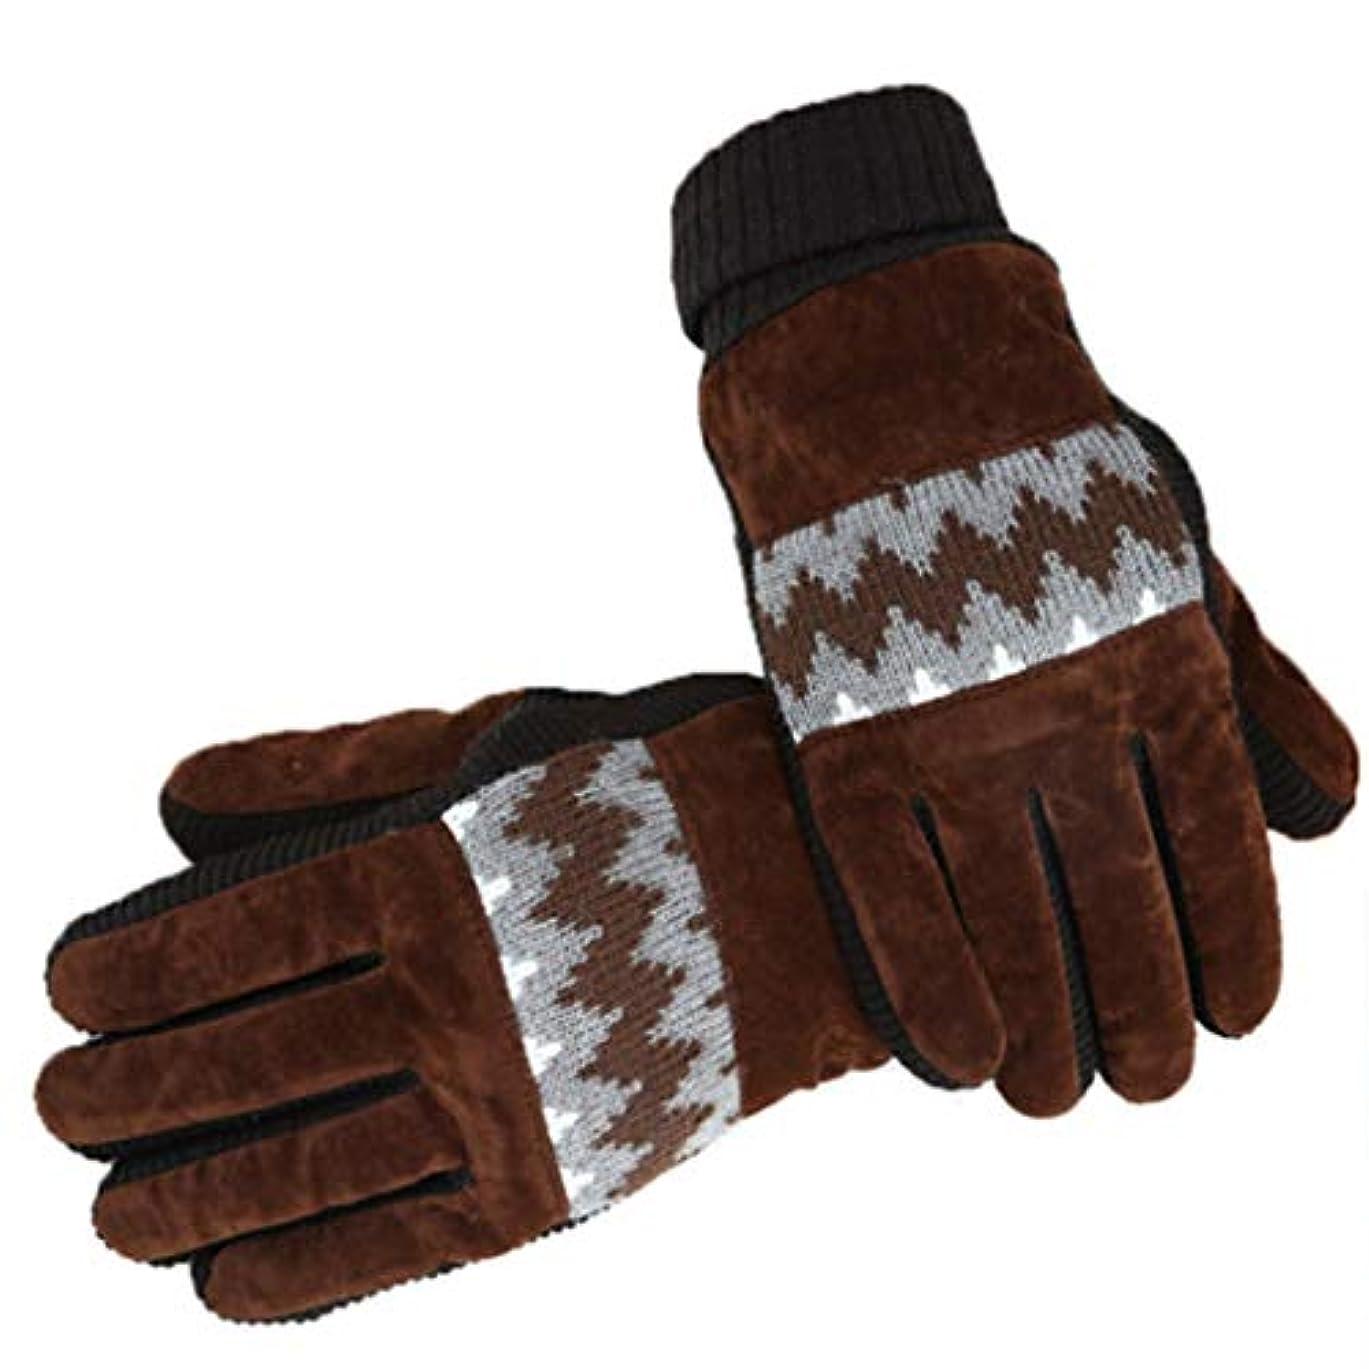 メナジェリー不安定注ぎます手袋の男性の冬プラスベルベット寒い暖かいサイクリング秋と冬の防風タッチスクリーンの綿手袋の水リップル黒 (色 : Brown)